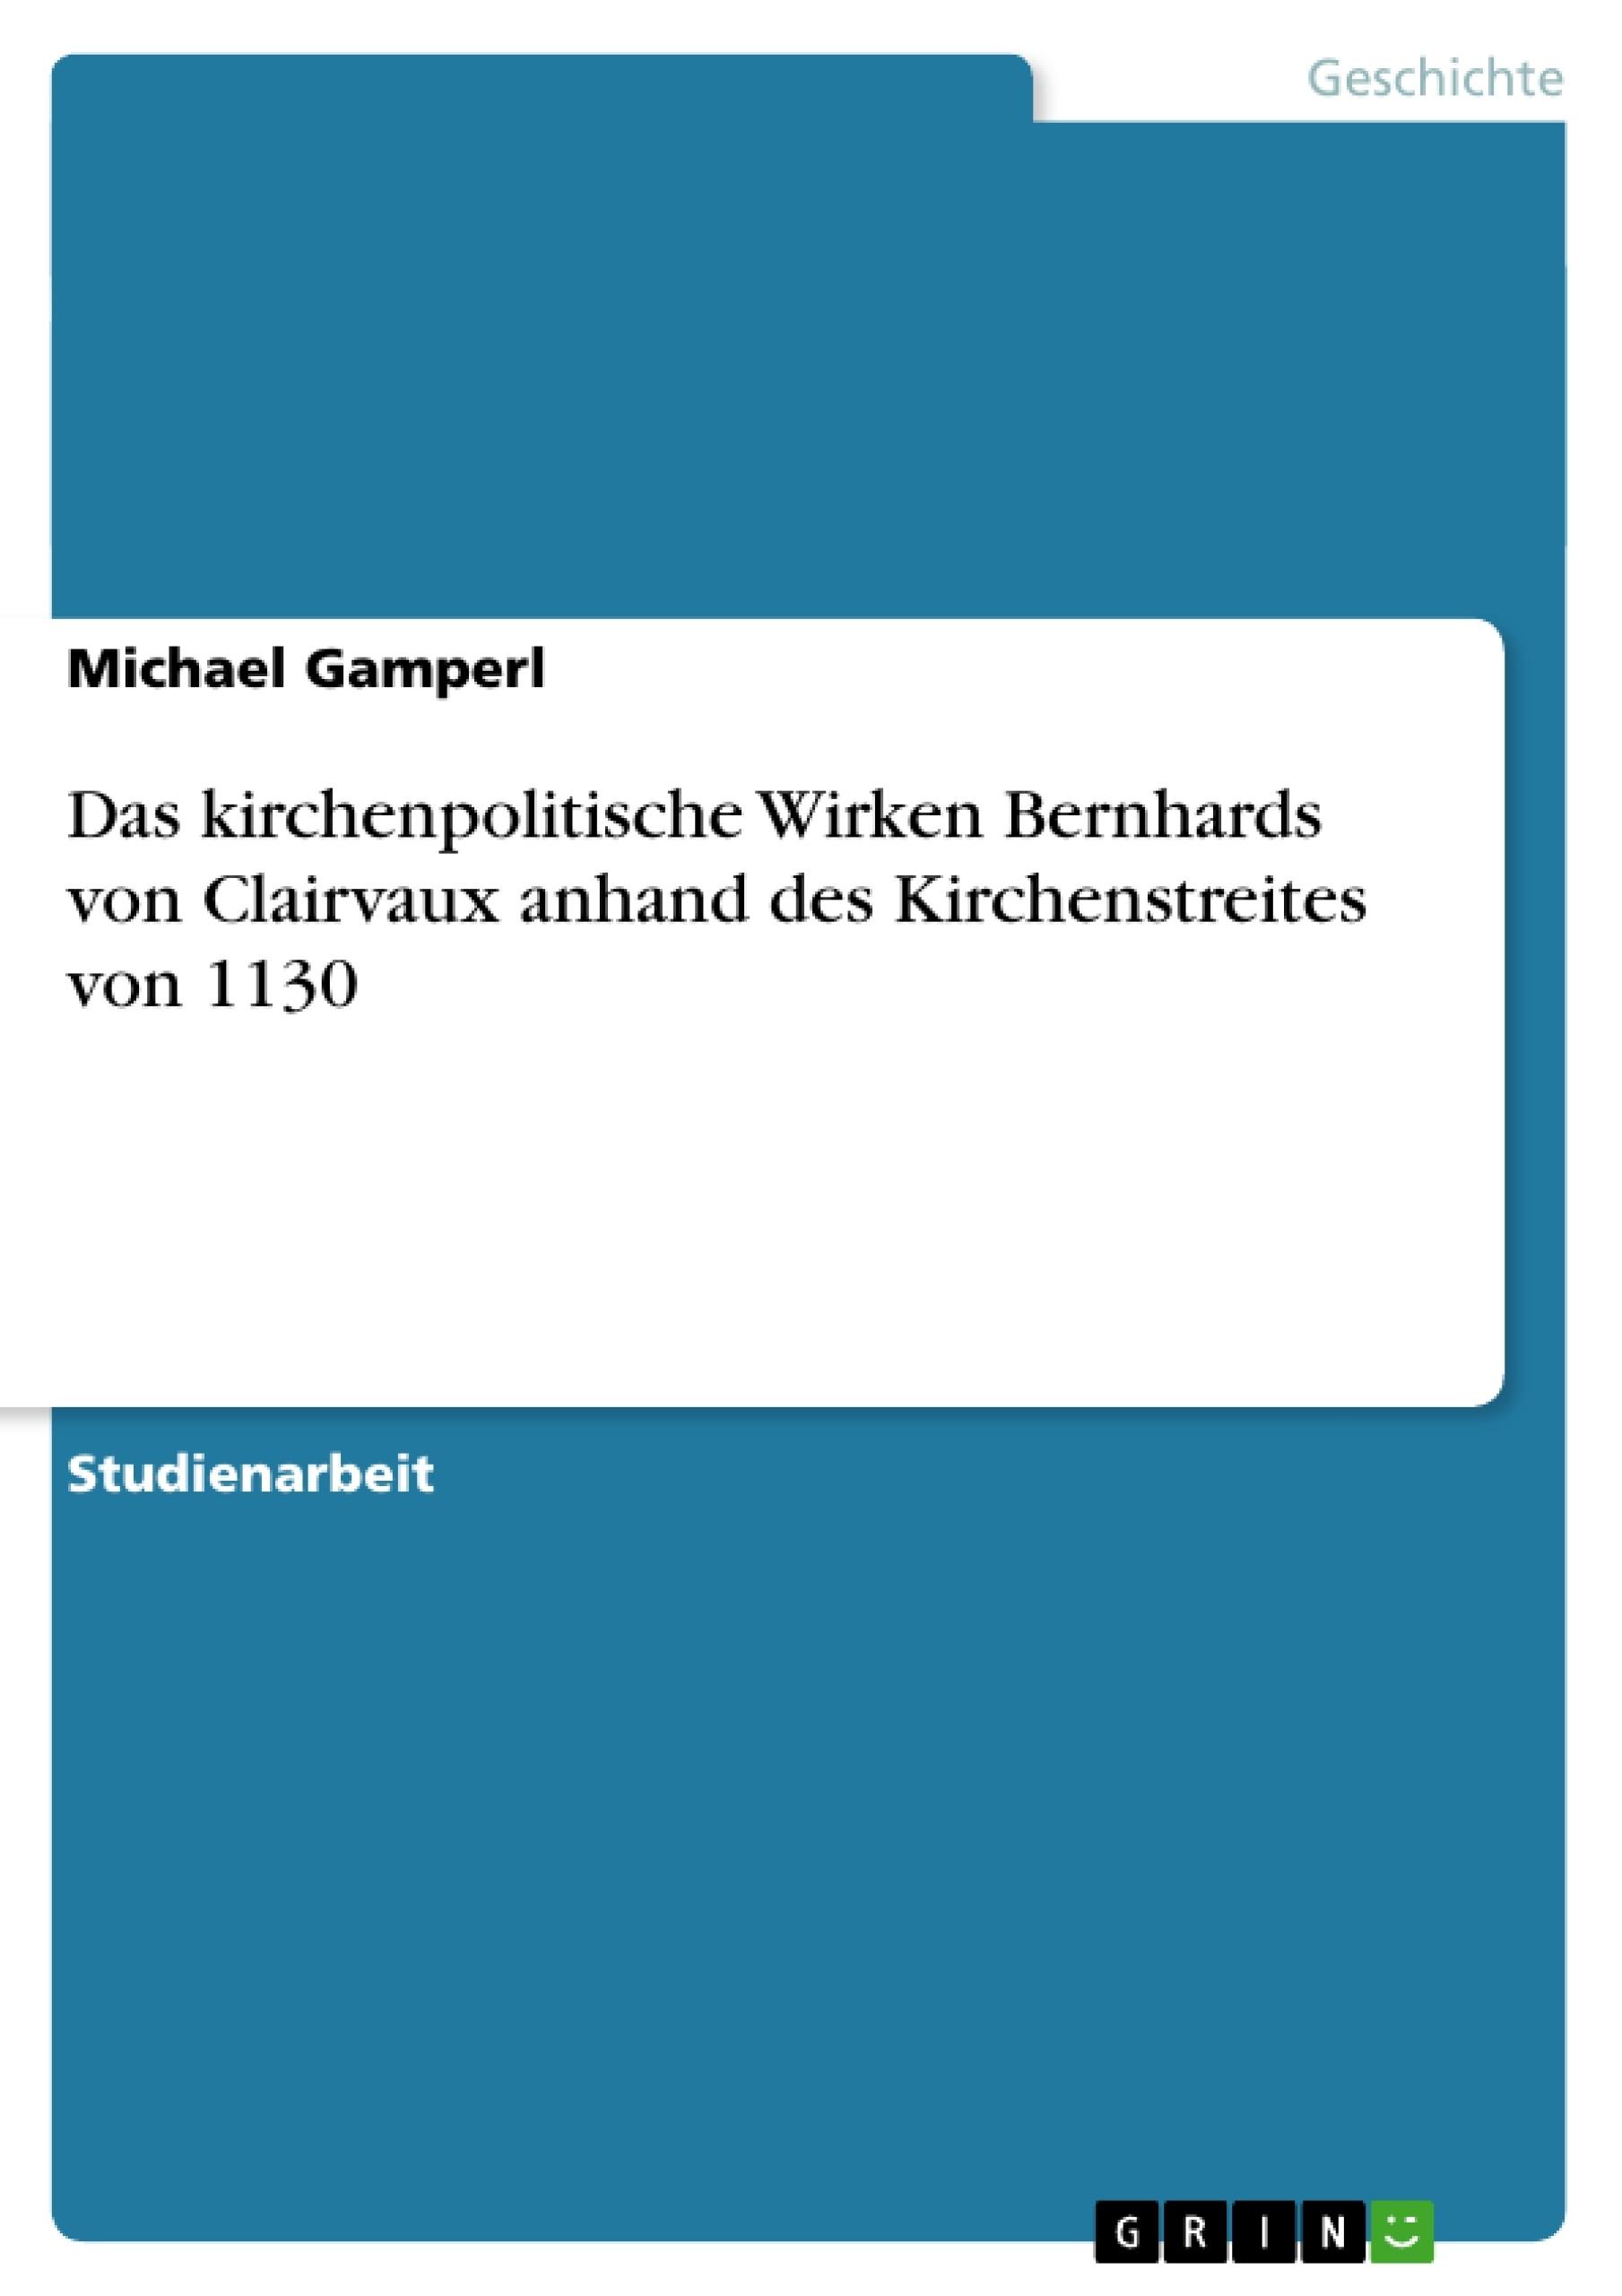 Titel: Das kirchenpolitische Wirken Bernhards von Clairvaux anhand des Kirchenstreites von 1130